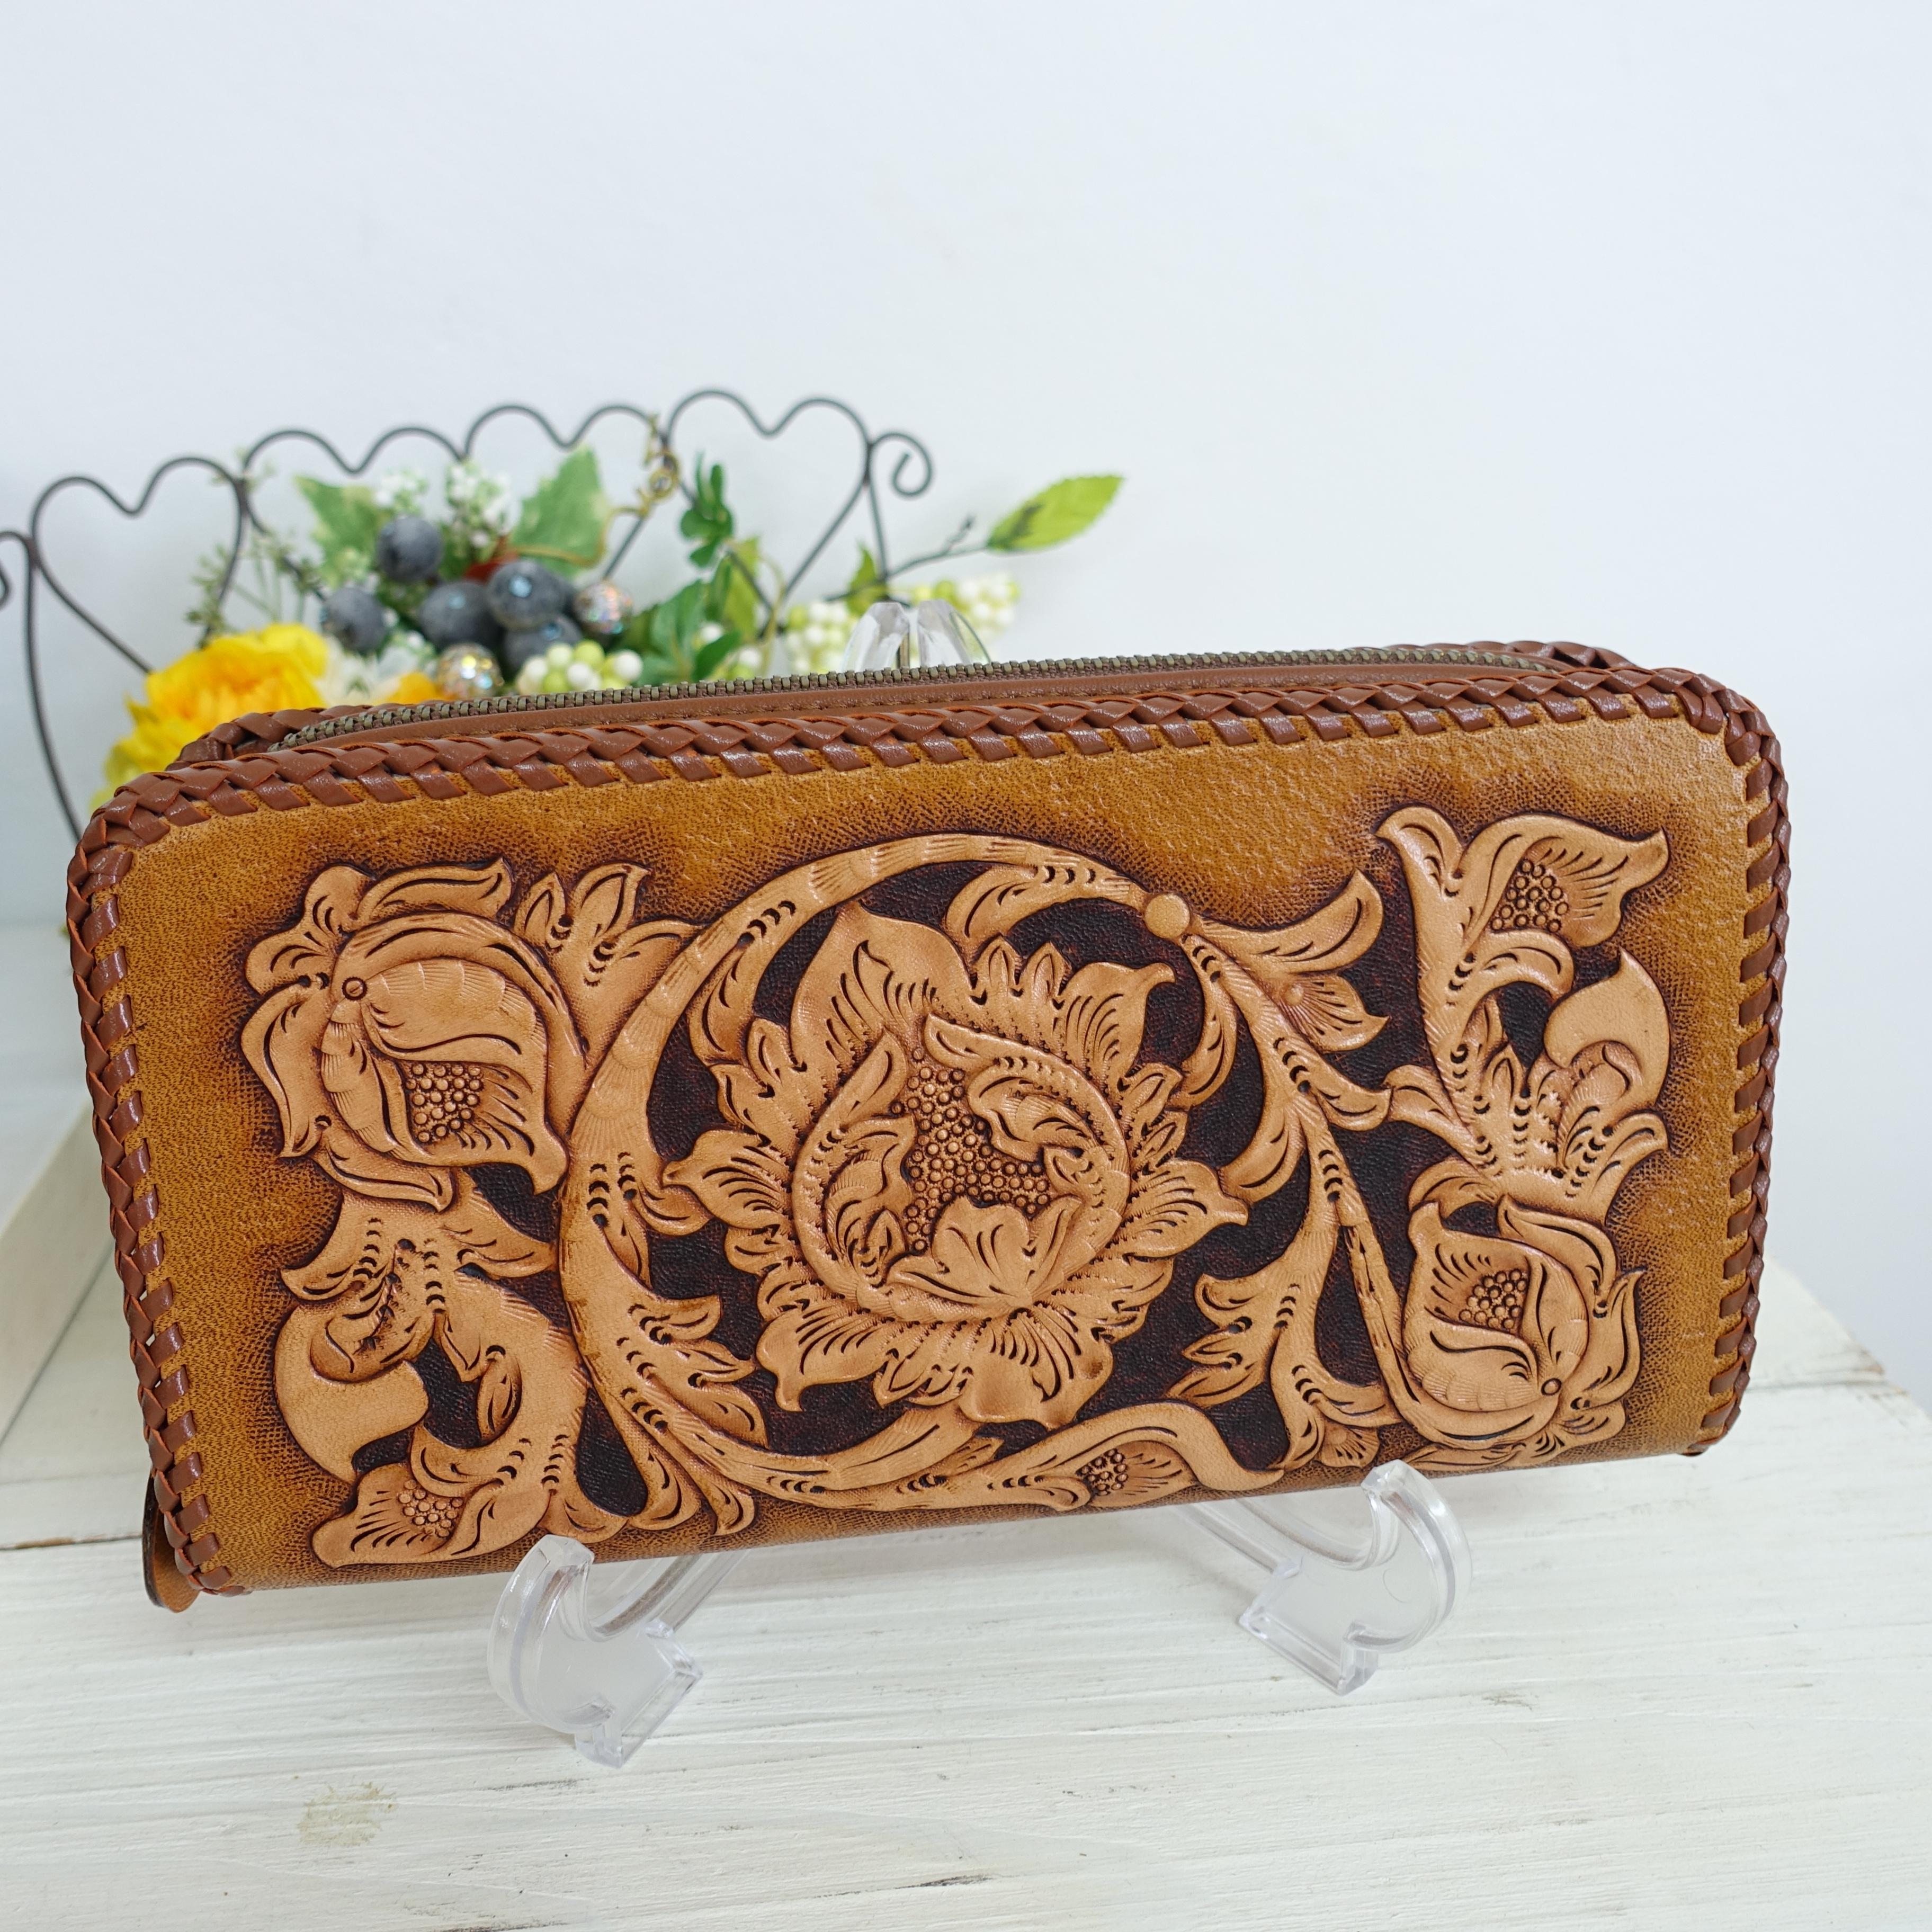 BAGみたいにサマになるカービングのお財布~唐草バイカーズ/オレンジブラウン(送料無料)